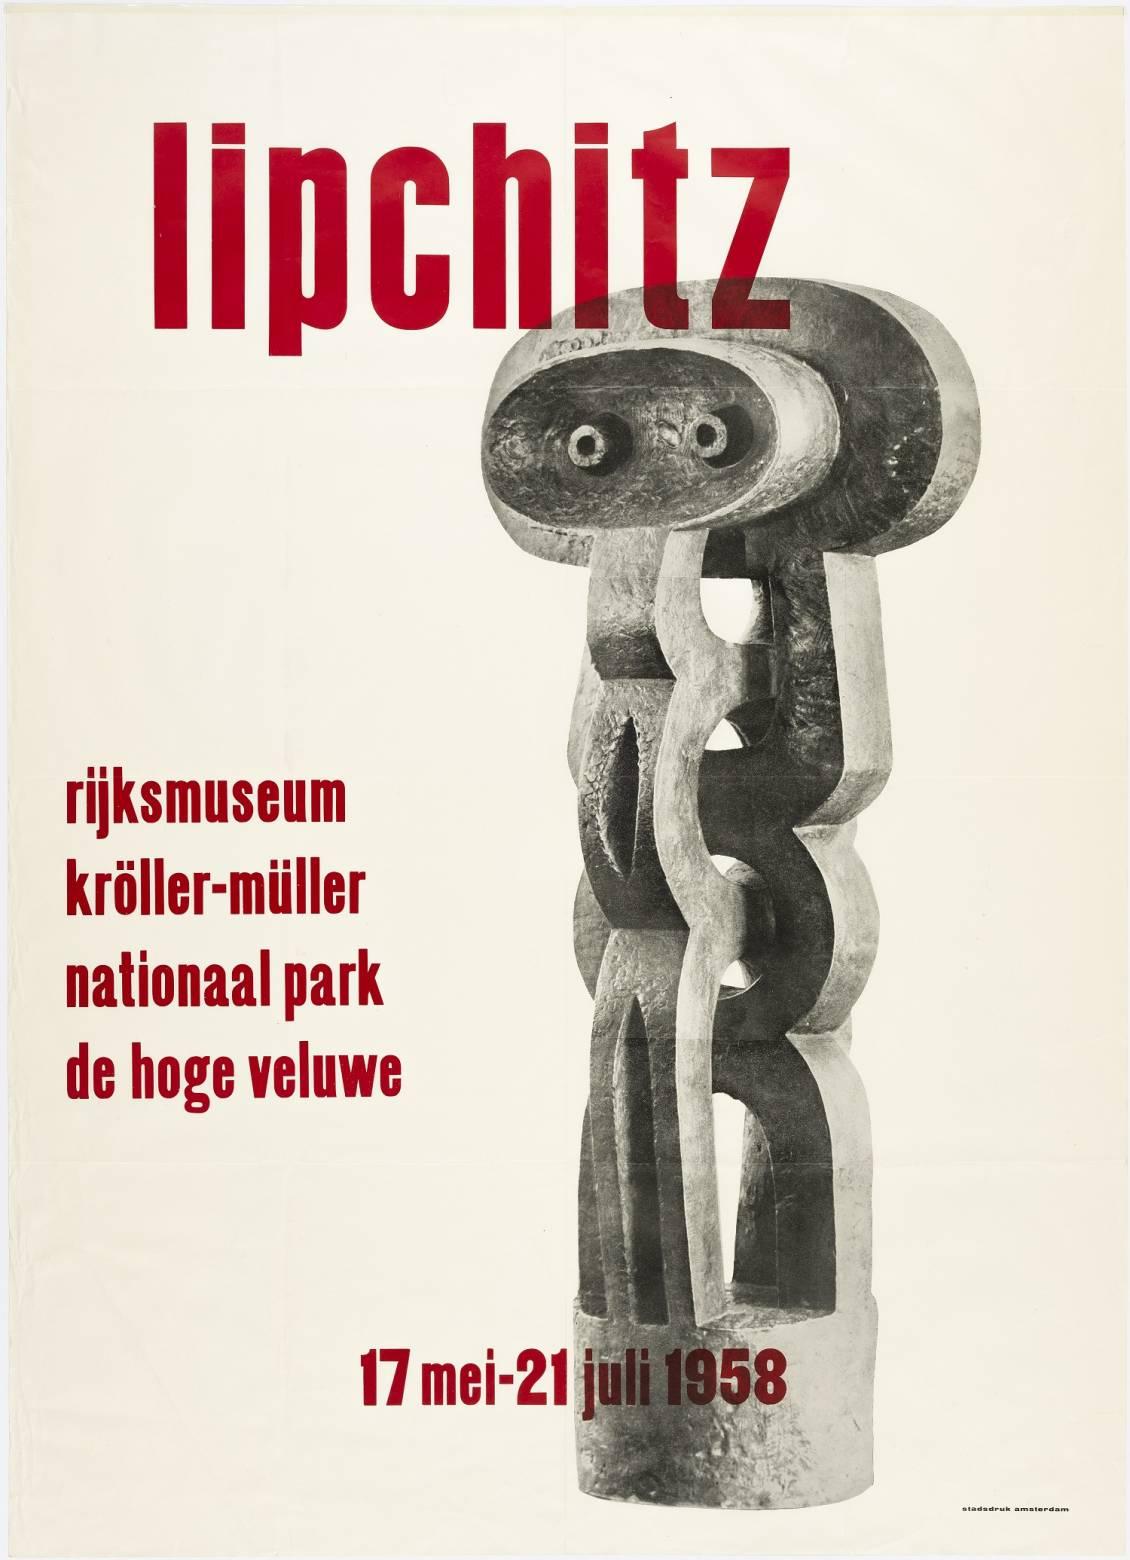 Tentoonstellingsaffiche 'Lipchitz', 1958